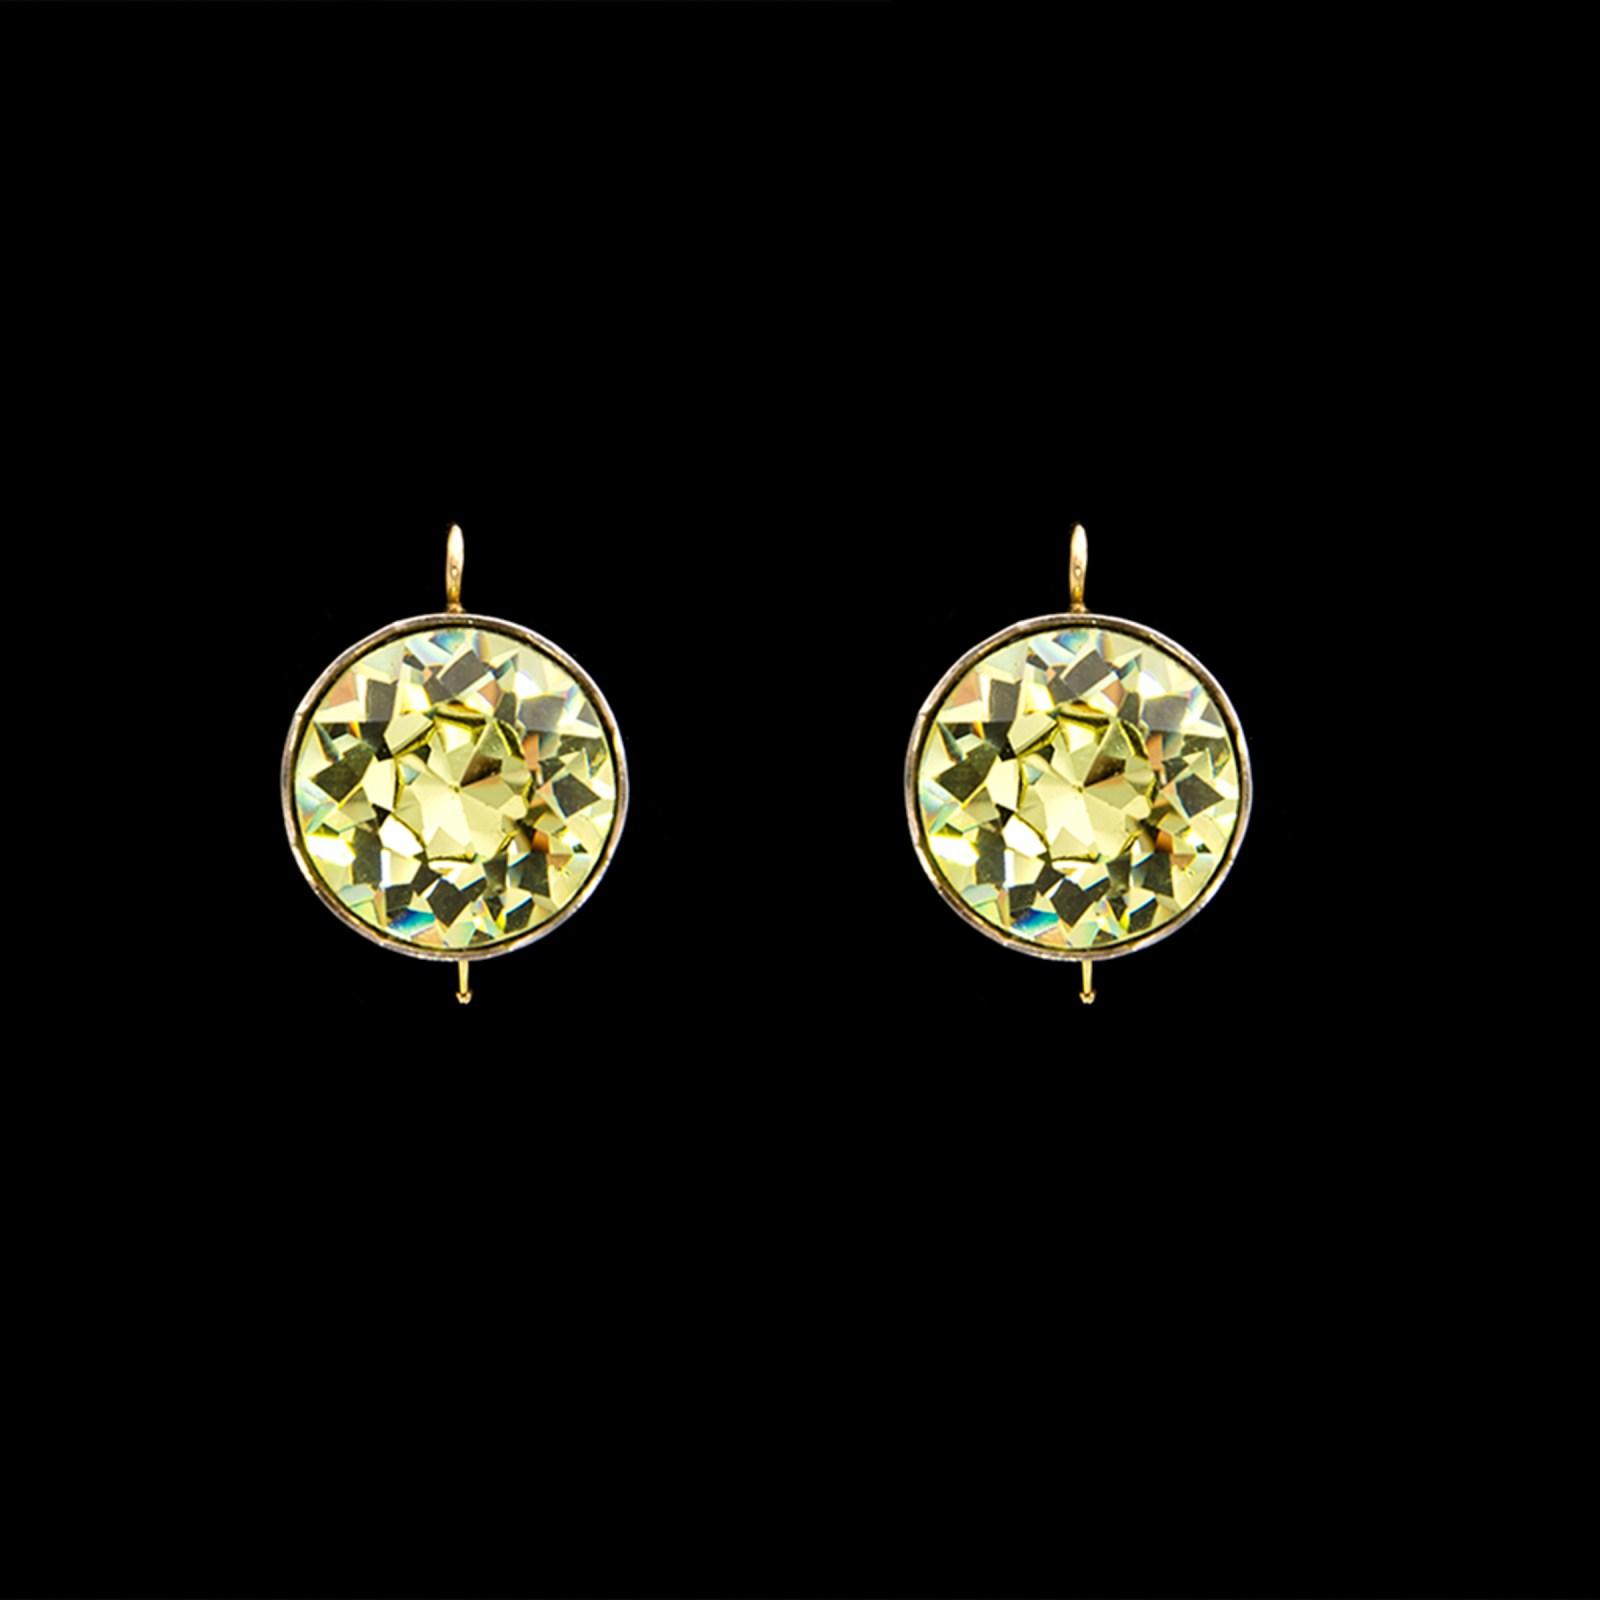 Revival Paste 5 Carat Jonquil Headlight Earrings